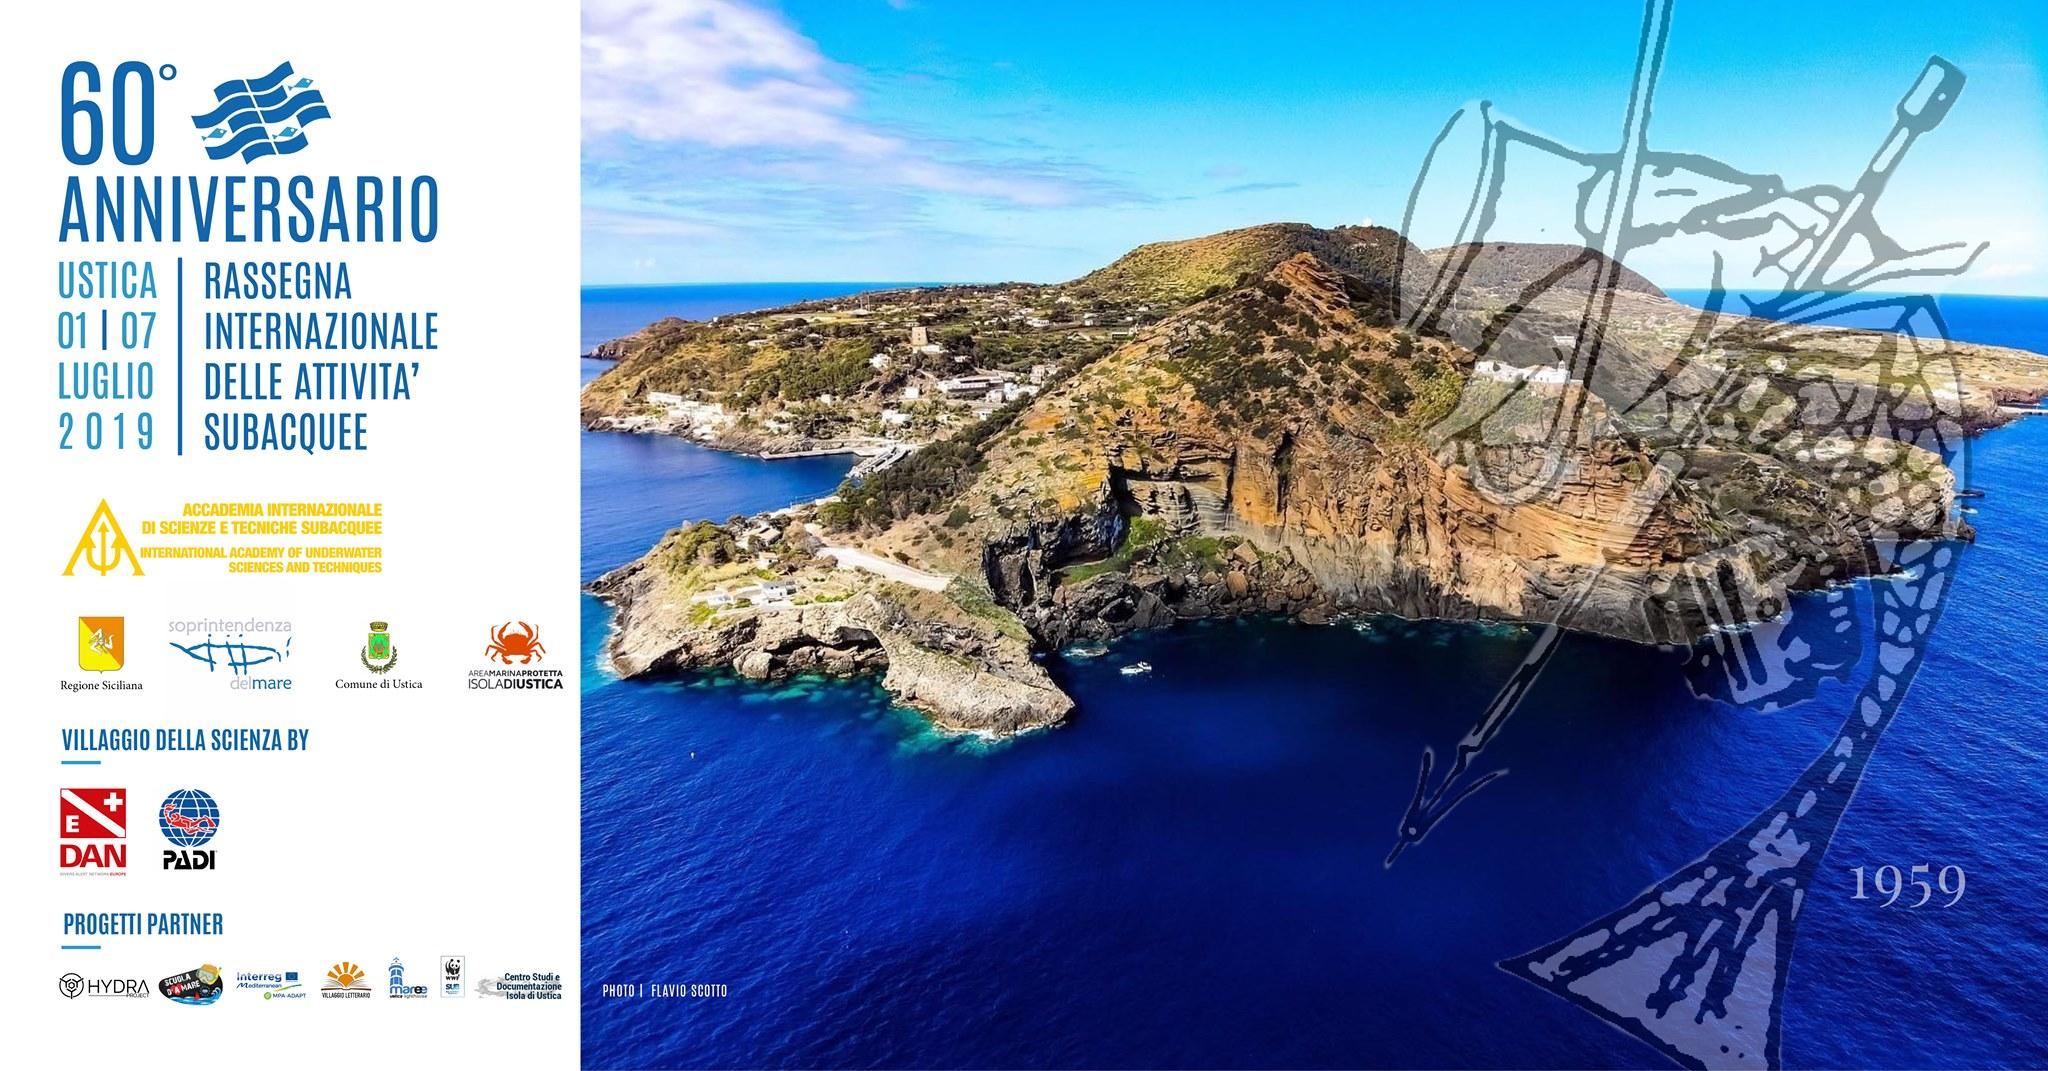 60° anniversario -  Rassegna stampa Accademia internazionale delle scienze subacquee, Ustica 2-3 luglio 2019